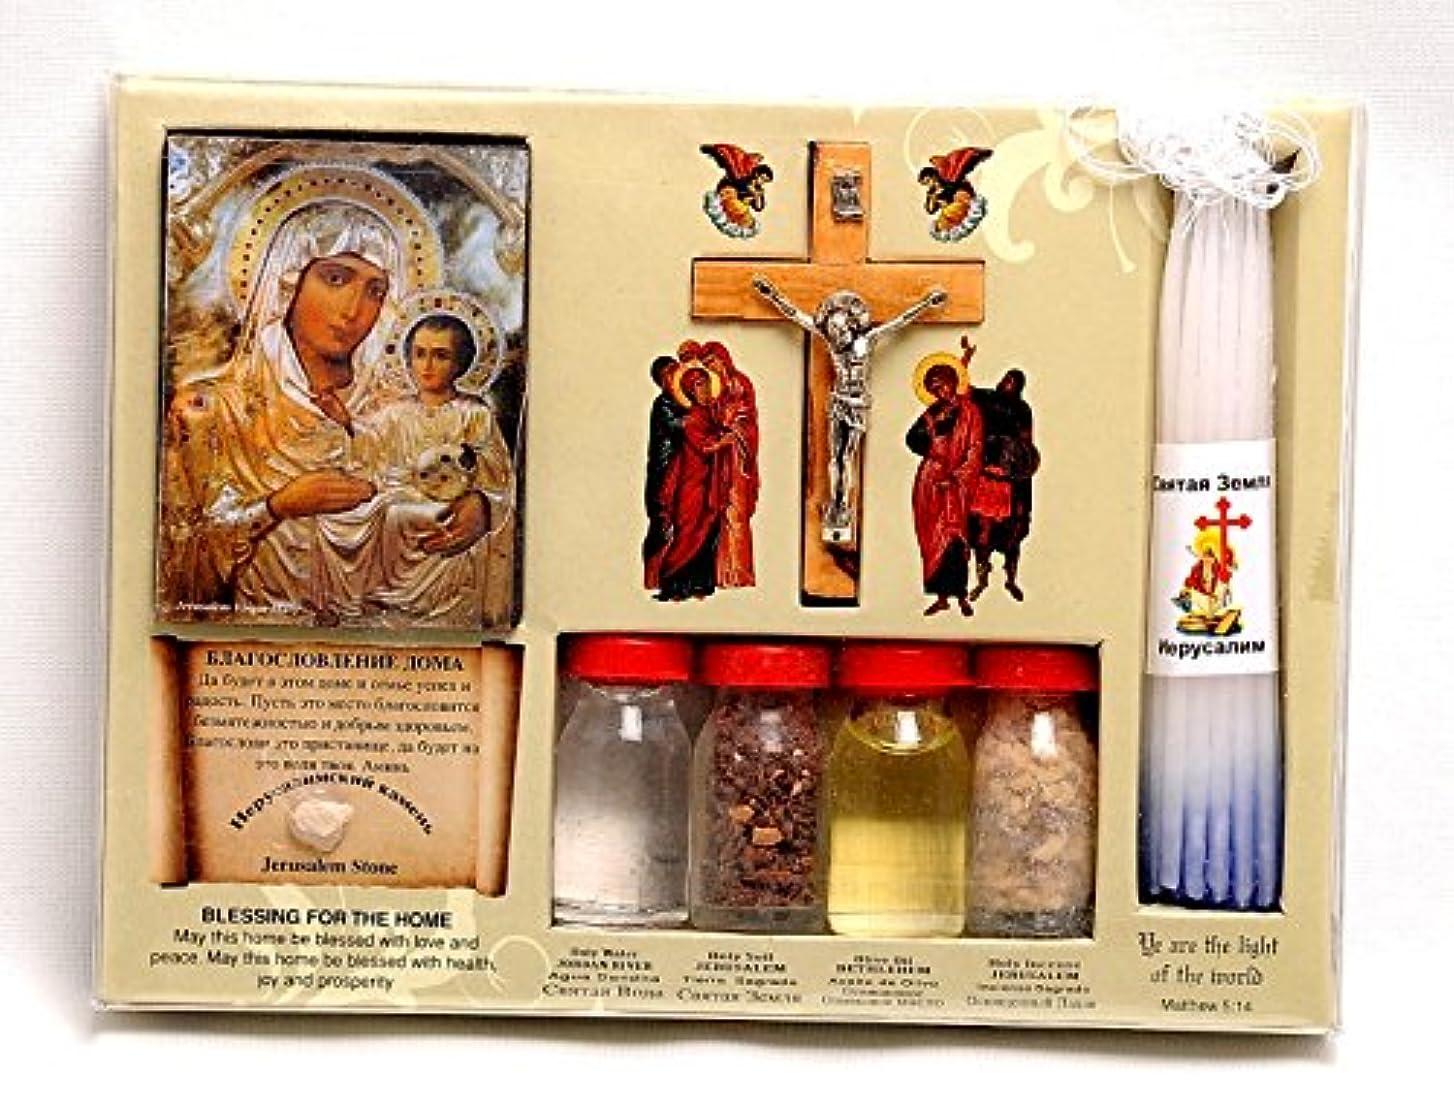 好色な引き潮本当のことを言うとホーム祝福キットボトル、クロス&キャンドルに聖地エルサレム